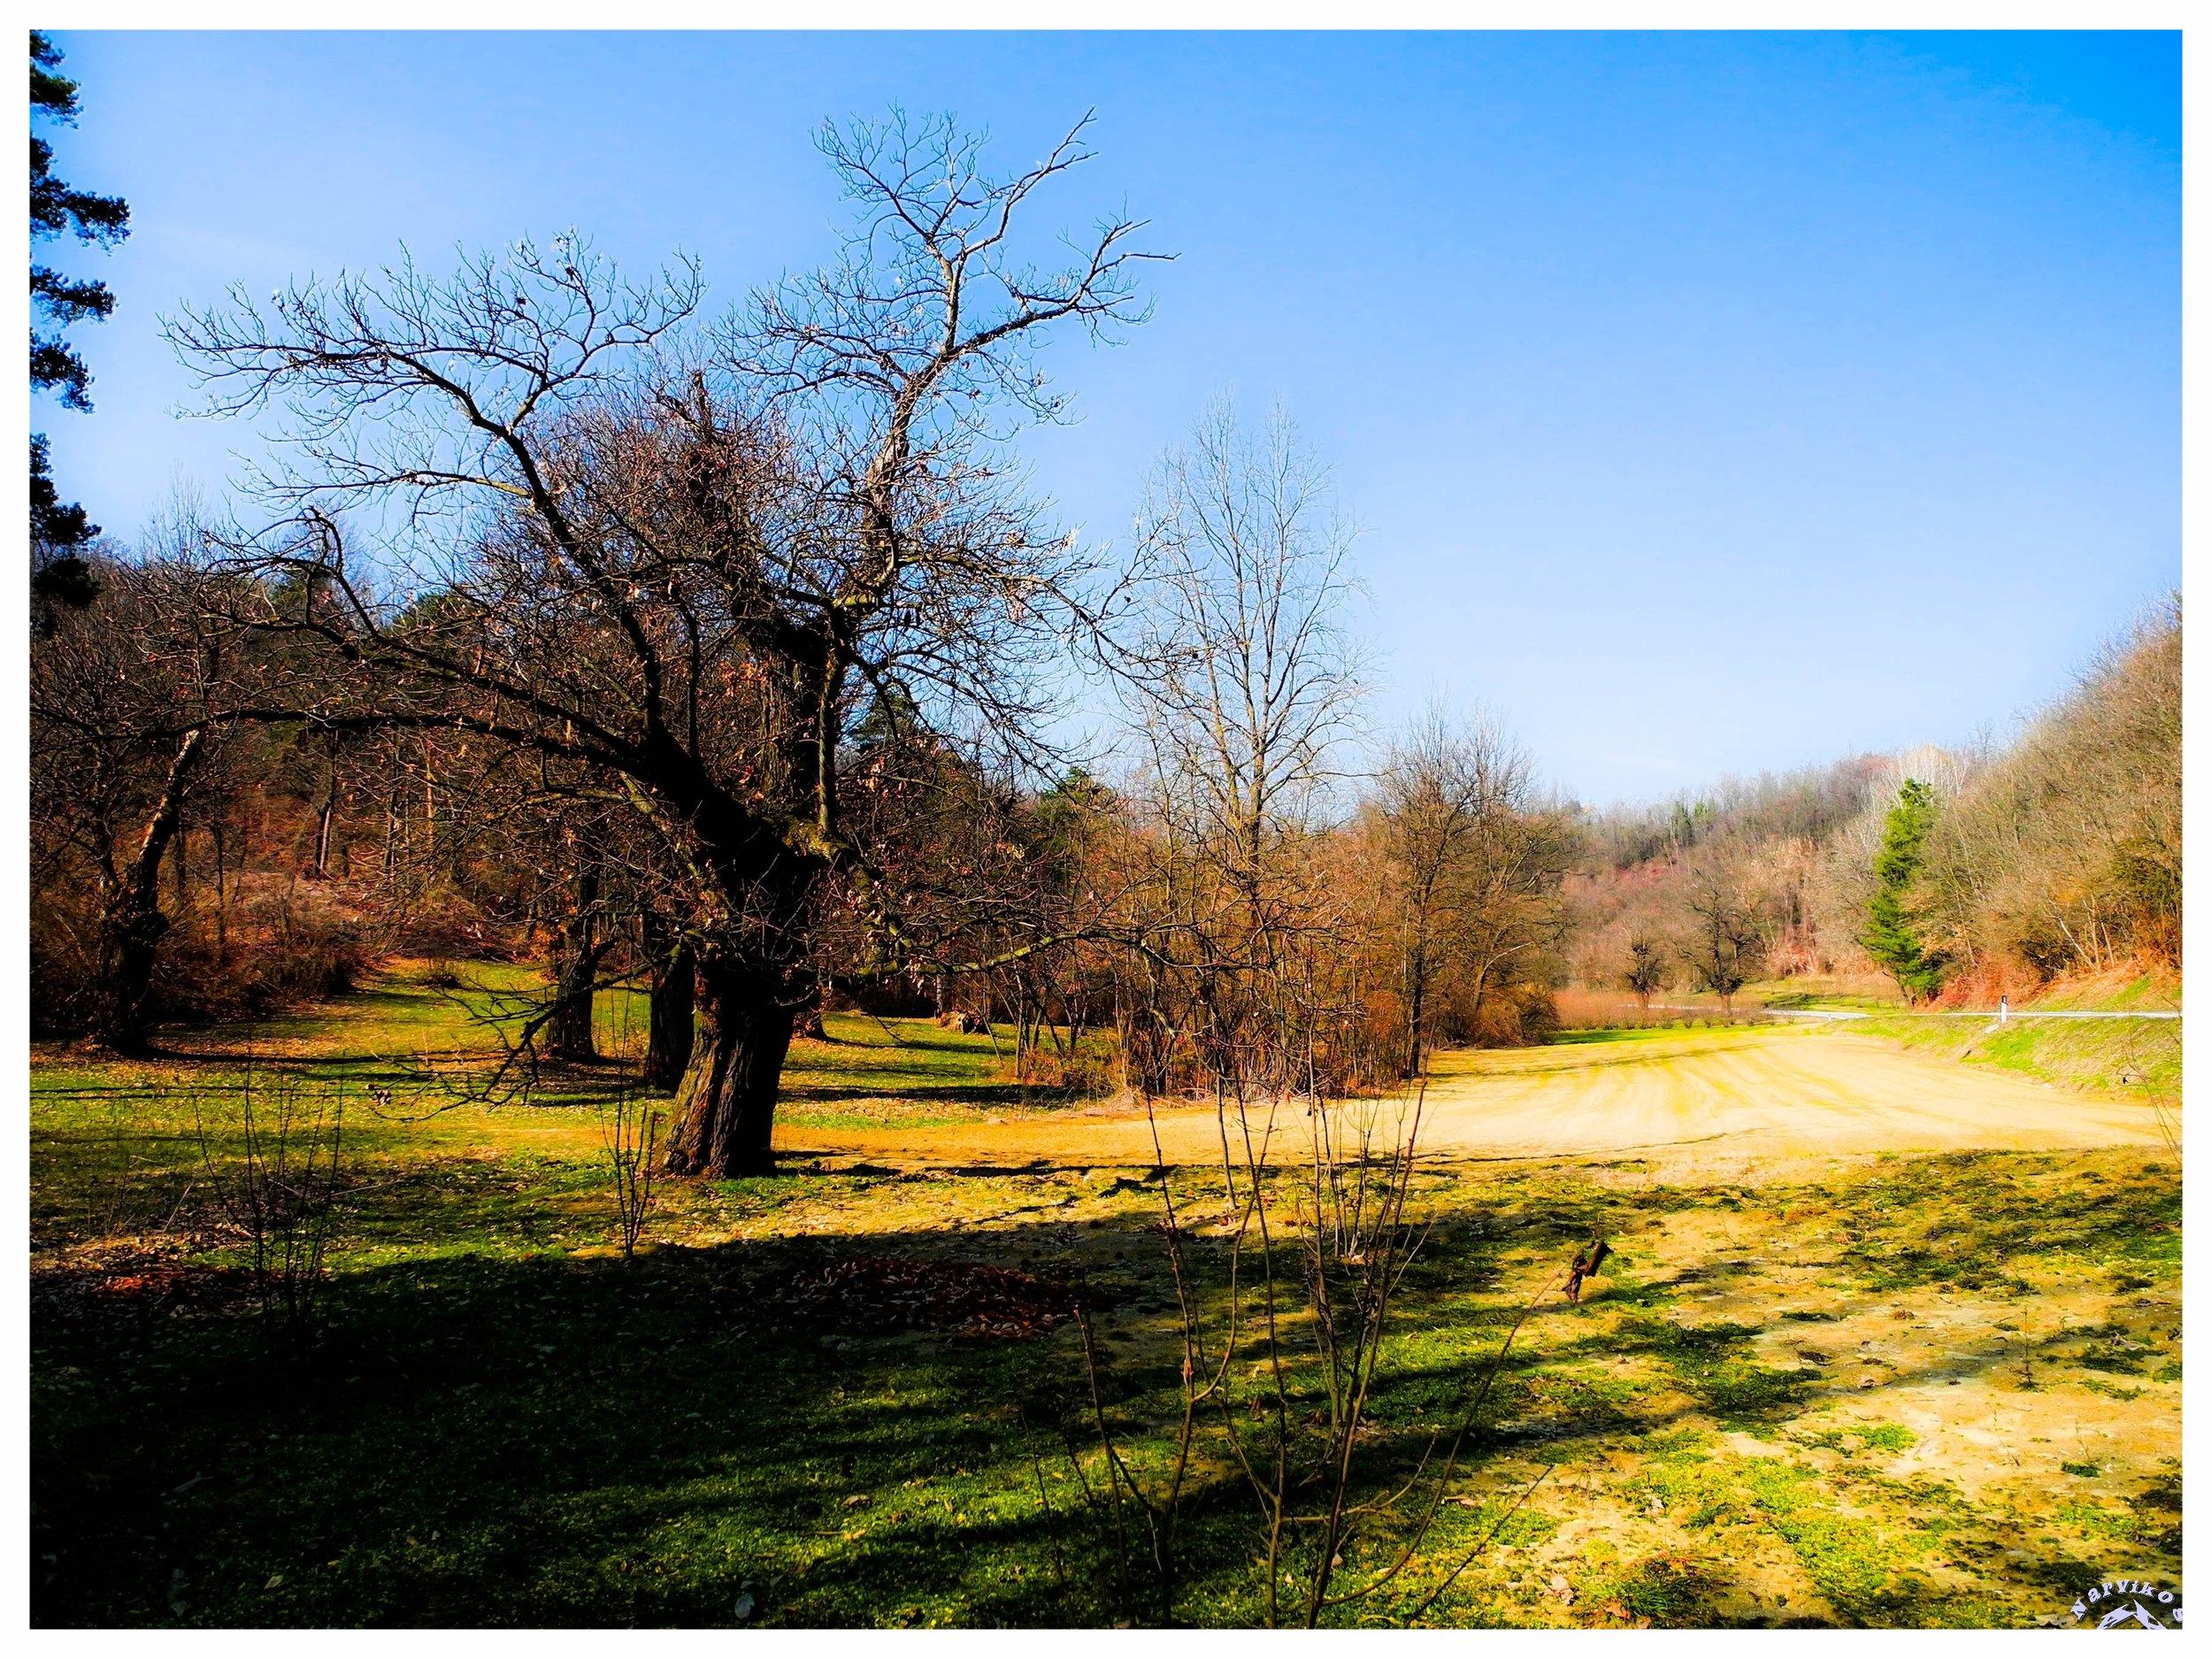 montaldo roero comune langhe roero piemonte viaggi itinerari tour in langa experience natura.jpg